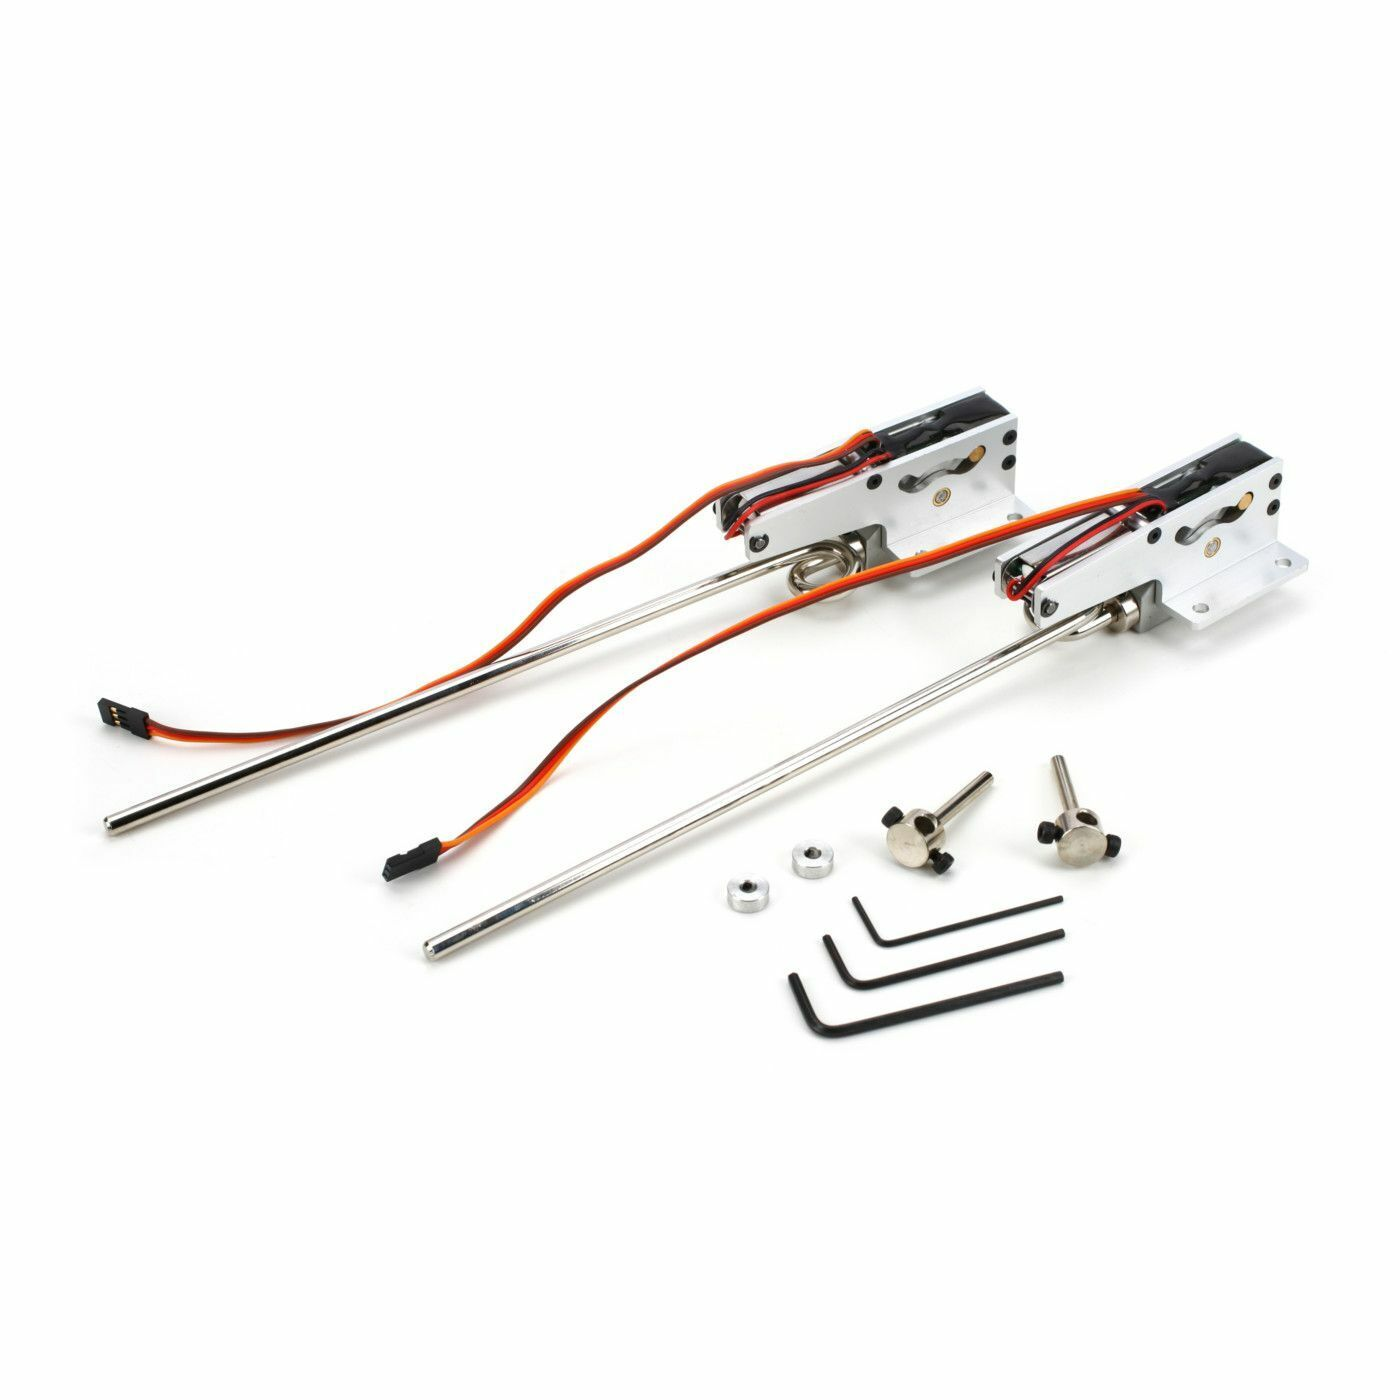 25-46 100 grados de rojoación eléctrico se retrae F-EFLG 320